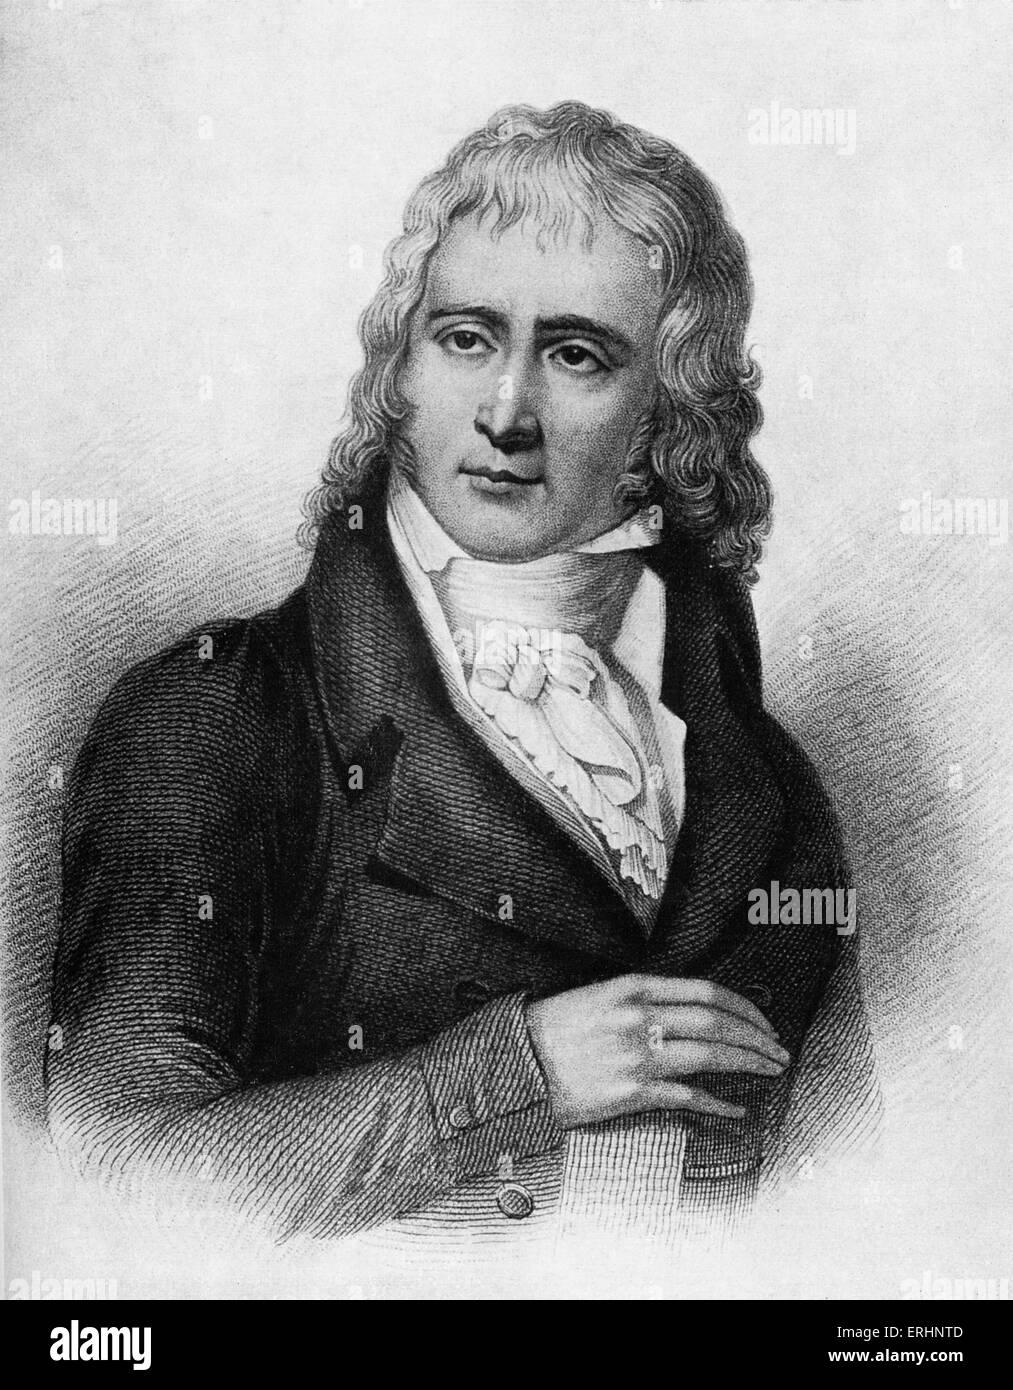 Benjamin Constant nel 1800. Costante Henri-Benjamin de Rebecque, Swiss-nato, scrittore e uomo politico francese. Immagini Stock